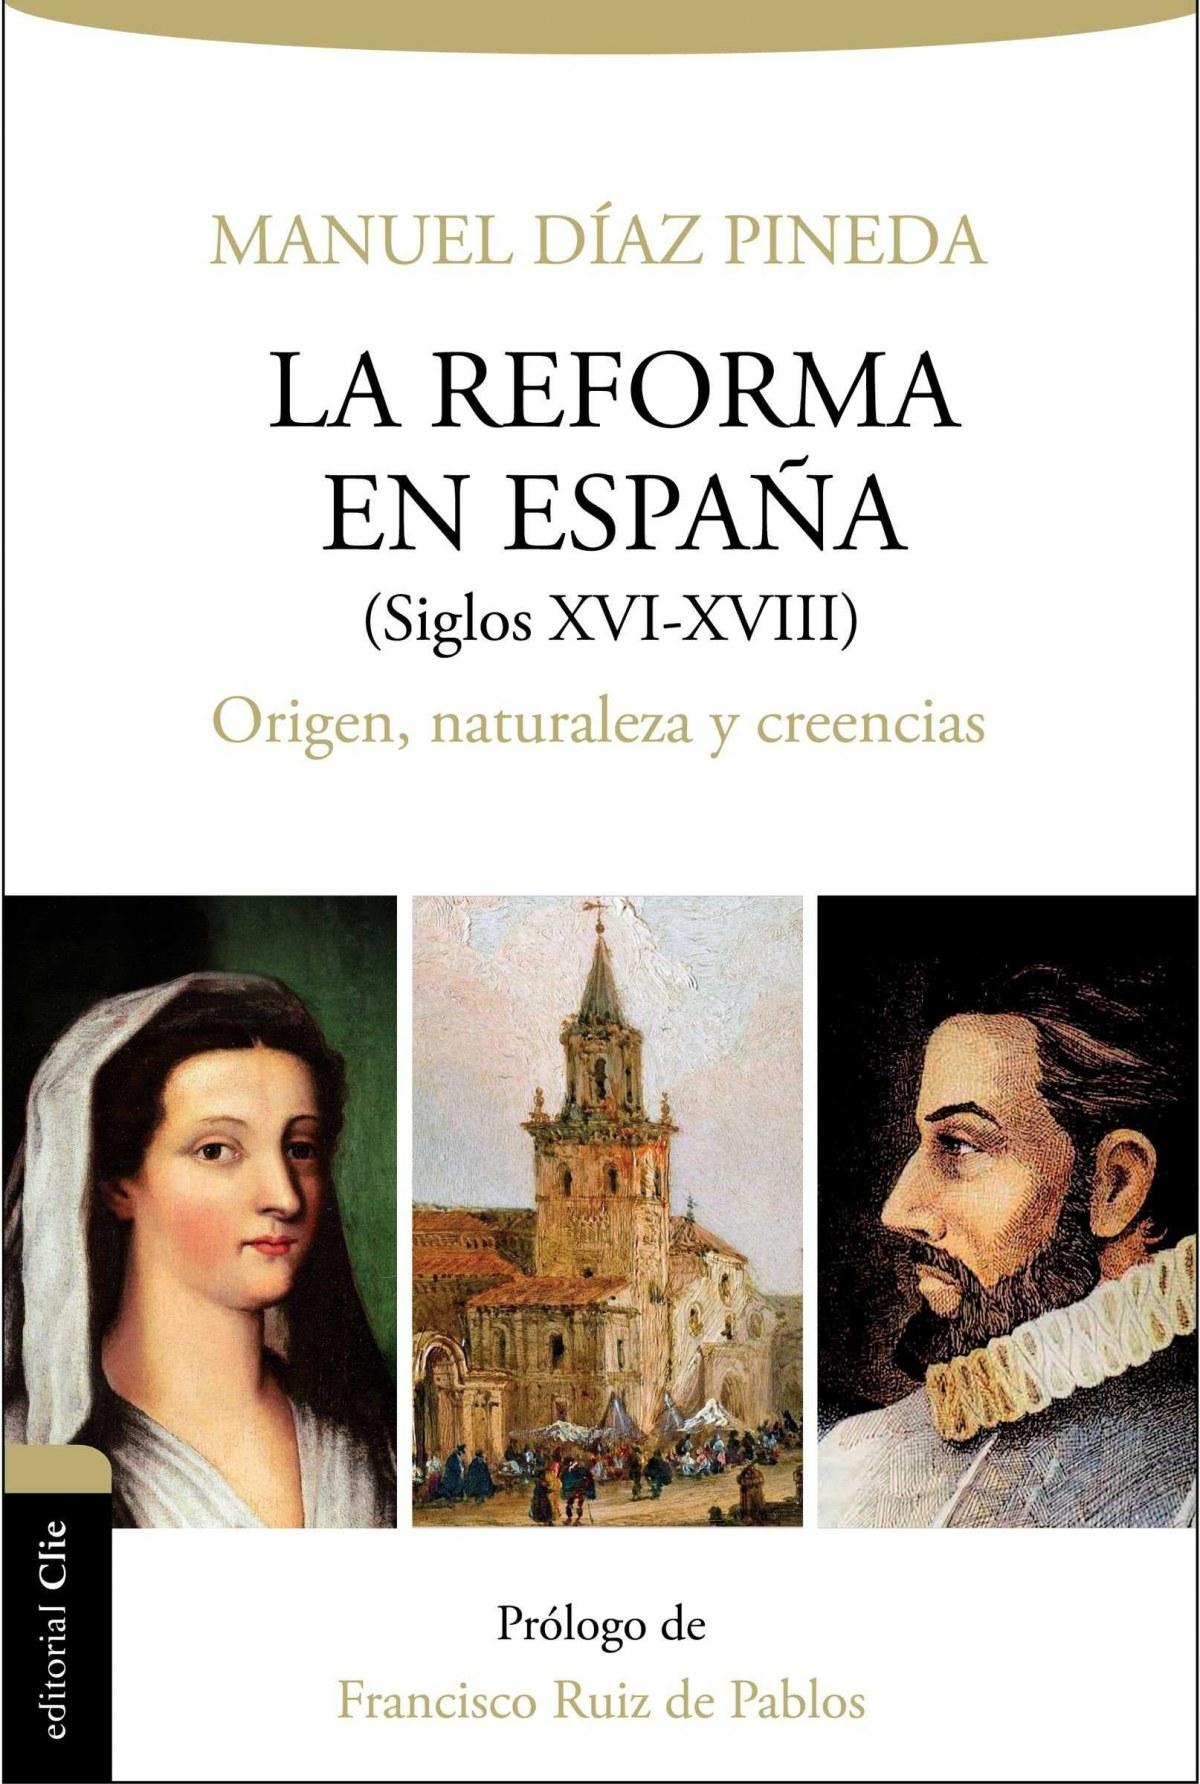 La Reforma en España (S. XVI-XVIII). Origen, naturaleza y creencias